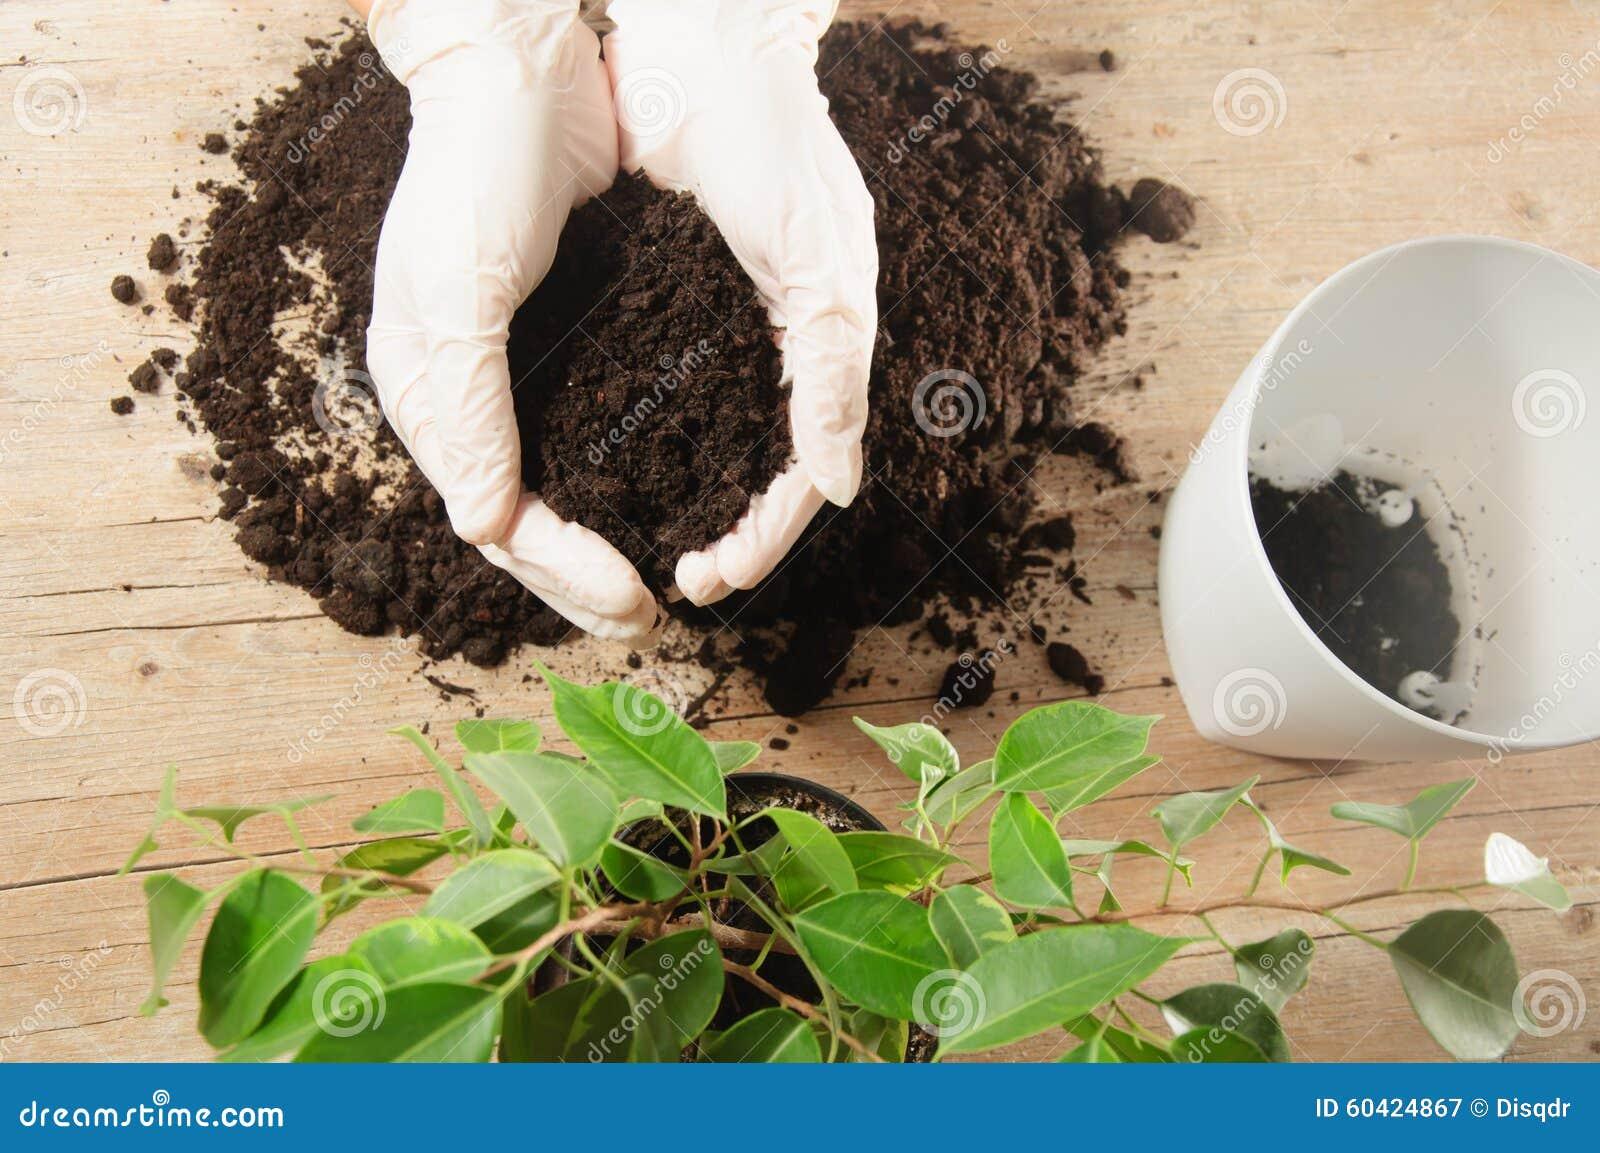 家庭从事园艺的调迁的房子植物